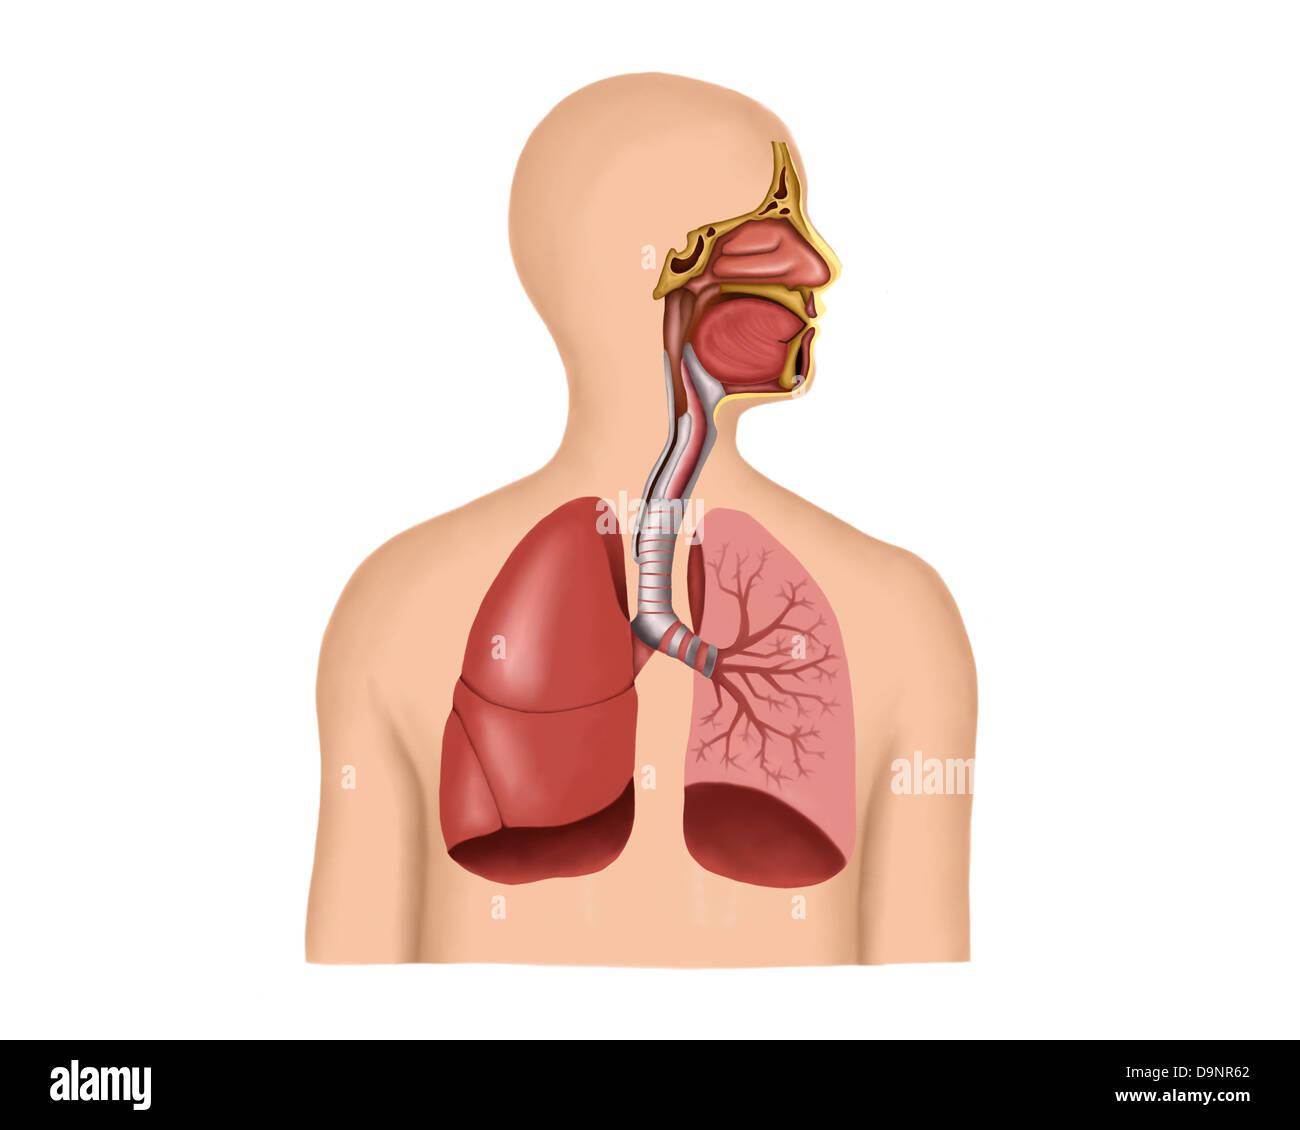 Respiratory Tract Stockfotos & Respiratory Tract Bilder - Alamy